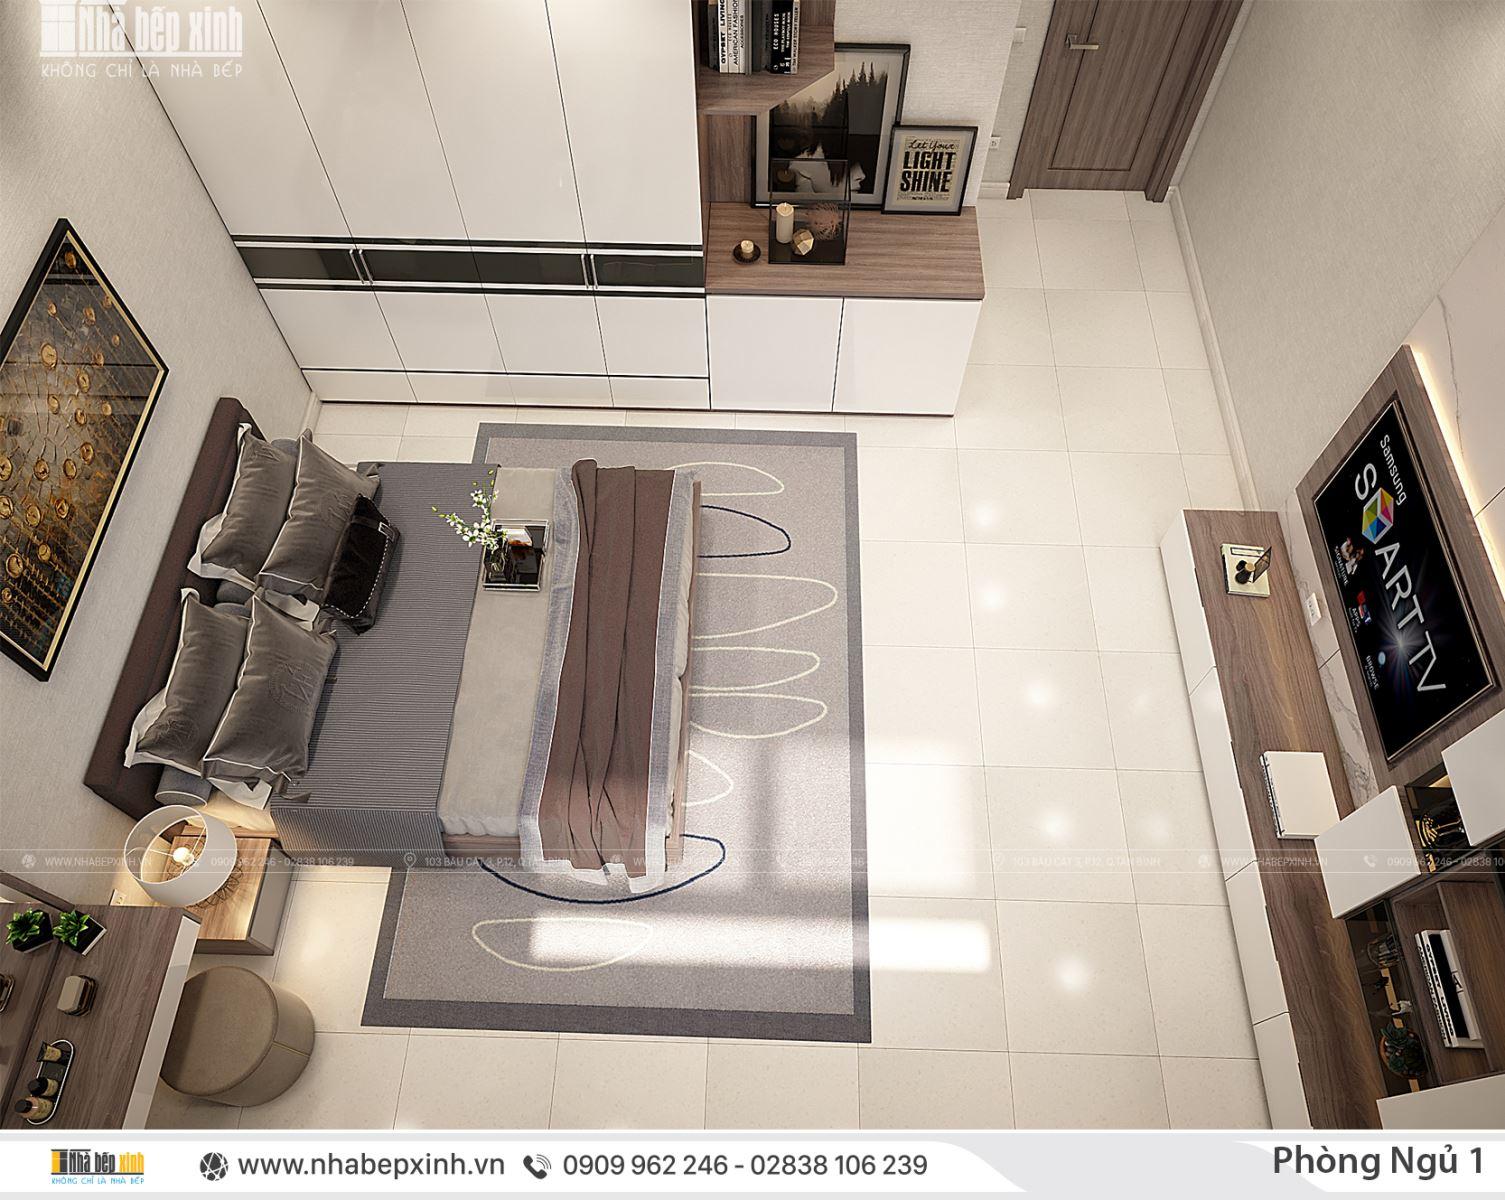 Các mẫu thiết kế phòng ngủ đẹp tông màu nhẹ nhàng